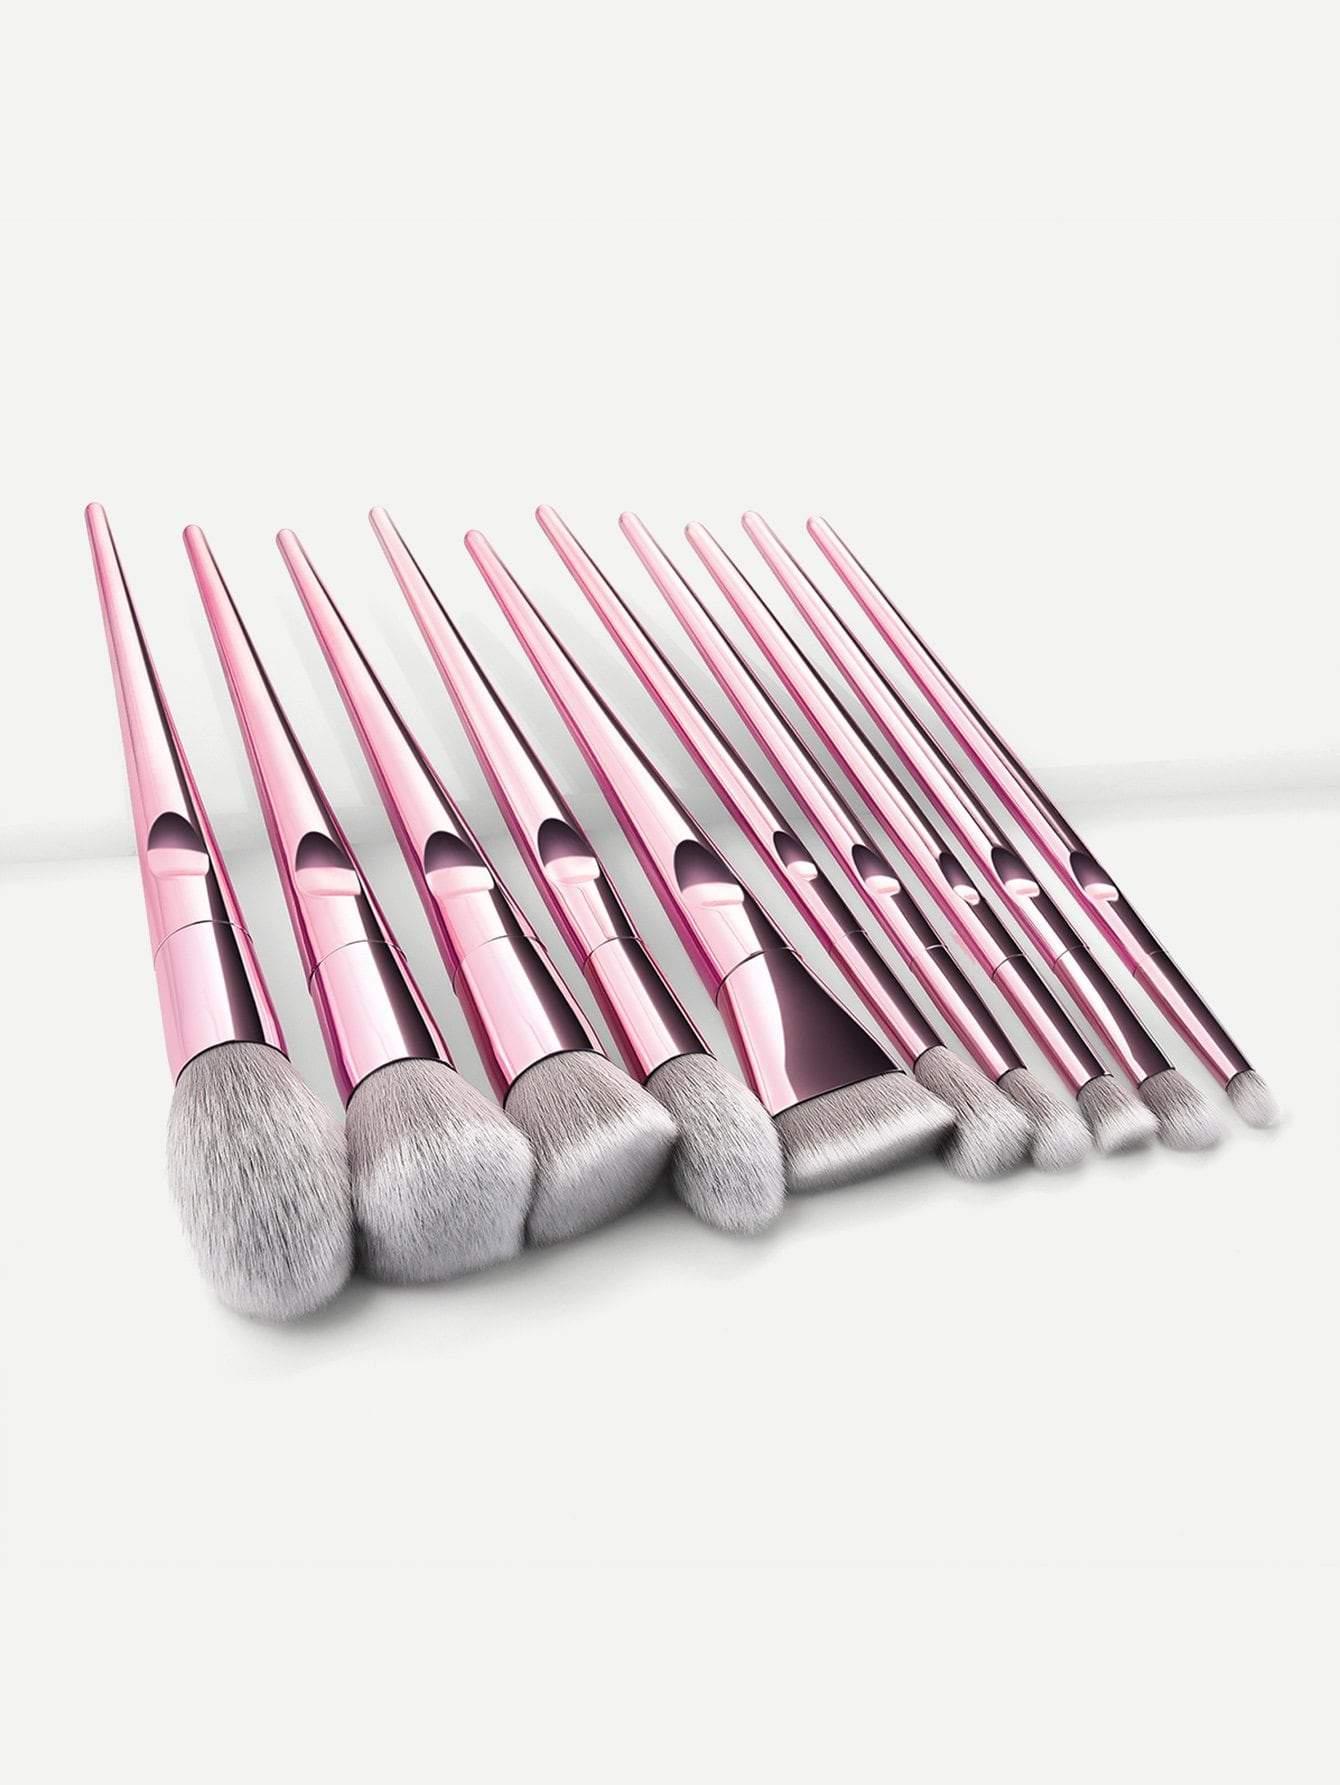 Buffer Makeup Brush 10pcs . . . . . . mua motd